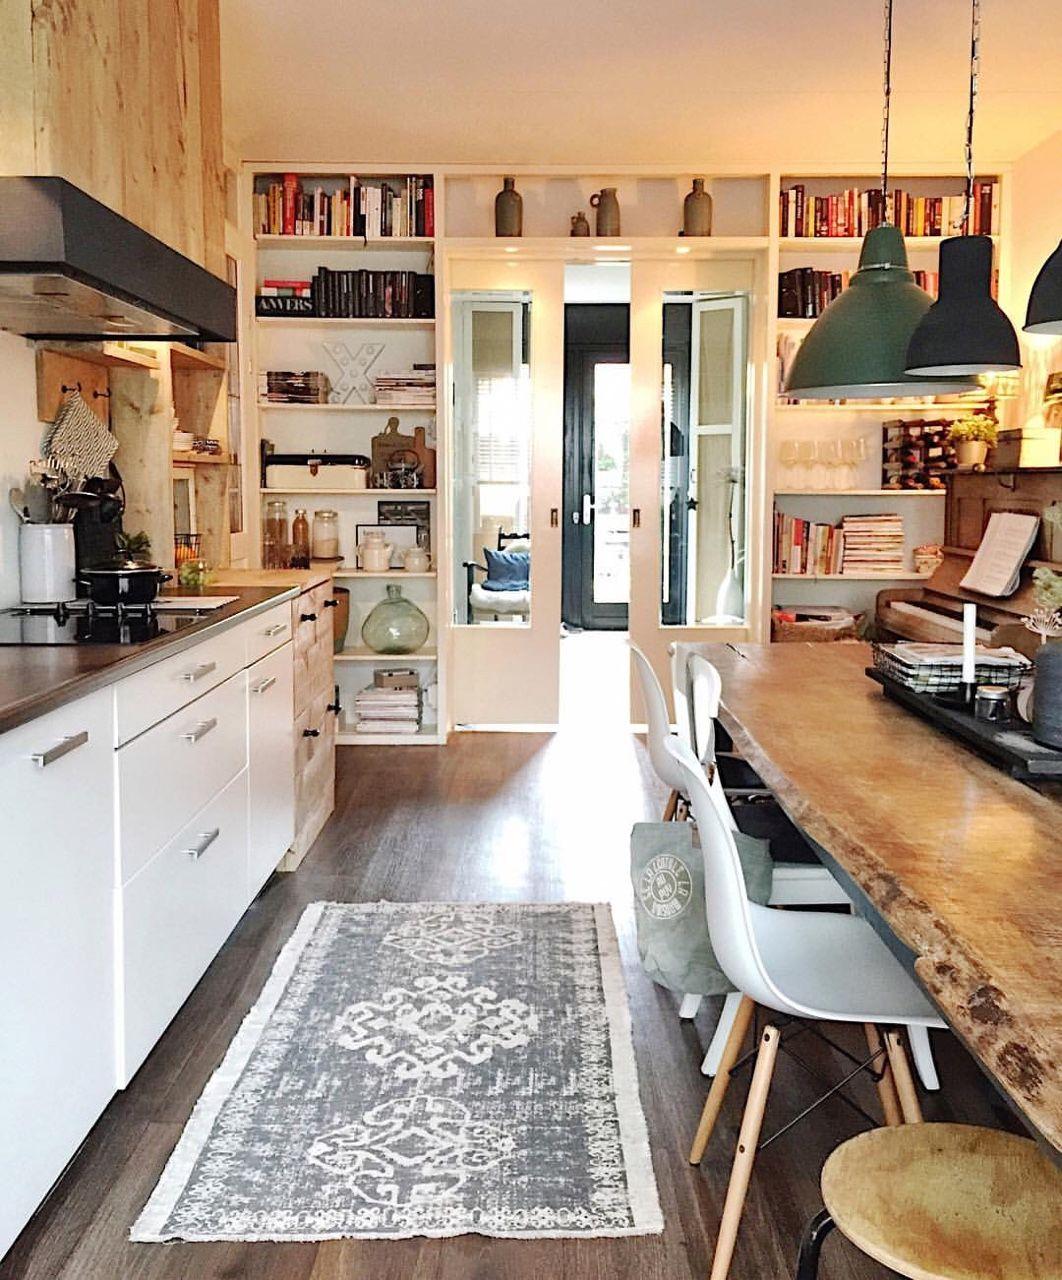 gestaltungsidee f r durchbruch esszimmer wohnzimmer k che pinterest esszimmer wohnzimmer. Black Bedroom Furniture Sets. Home Design Ideas